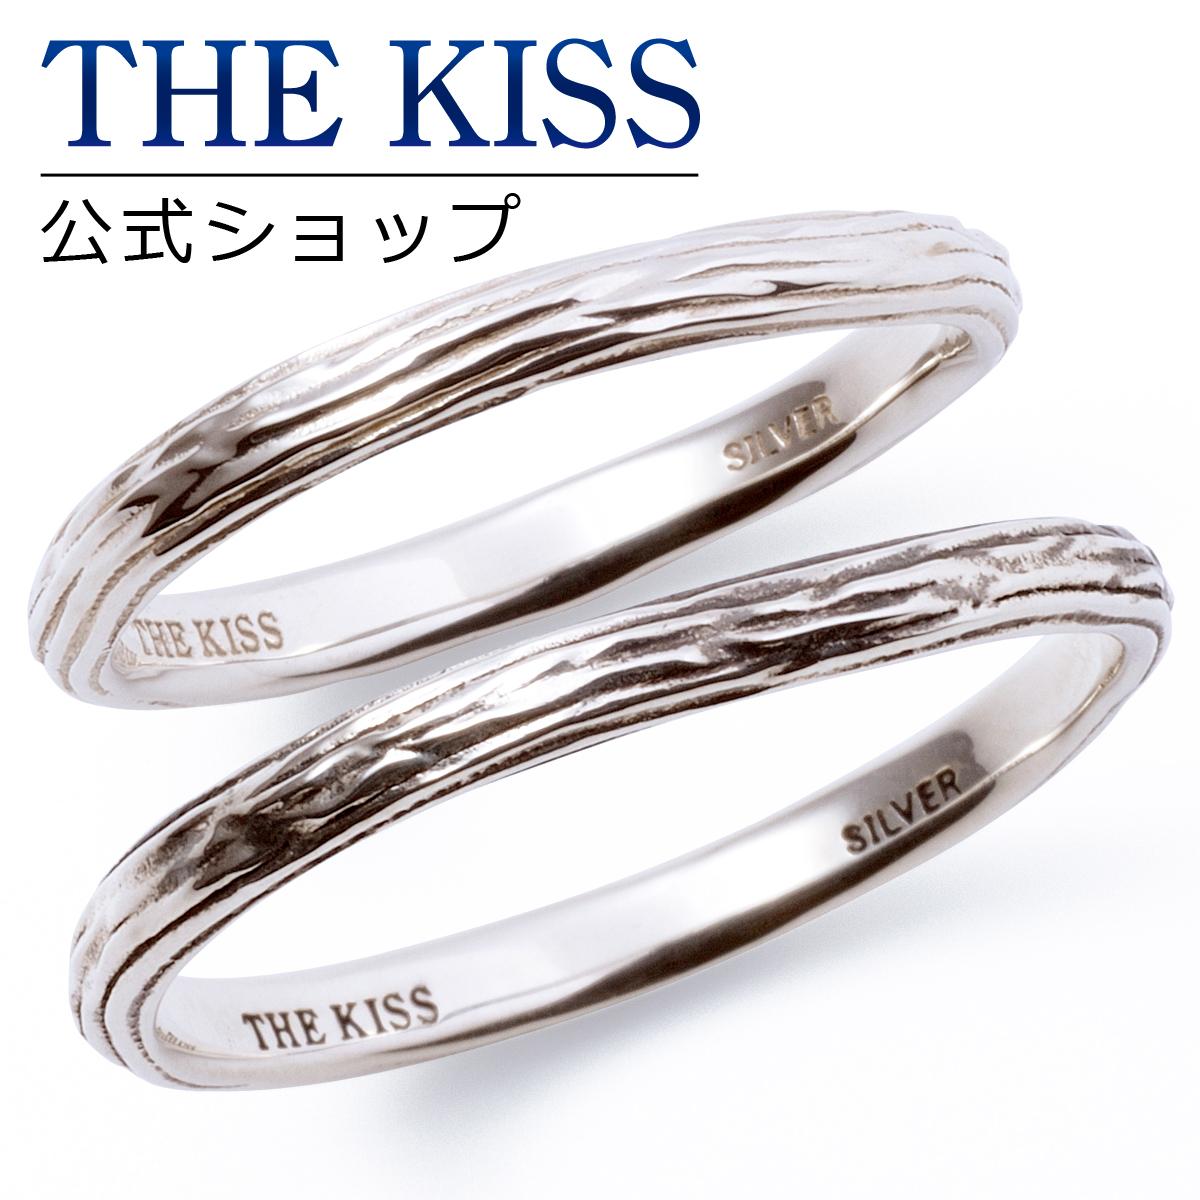 【あす楽対応】THE KISS 公式サイト シルバー ペアリング ペアアクセサリー カップル に 人気 の ジュエリーブランド THEKISS ペア リング・指輪 記念日 プレゼント SR1701-1701BK セット シンプル 男性 女性 2個ペア ザキス